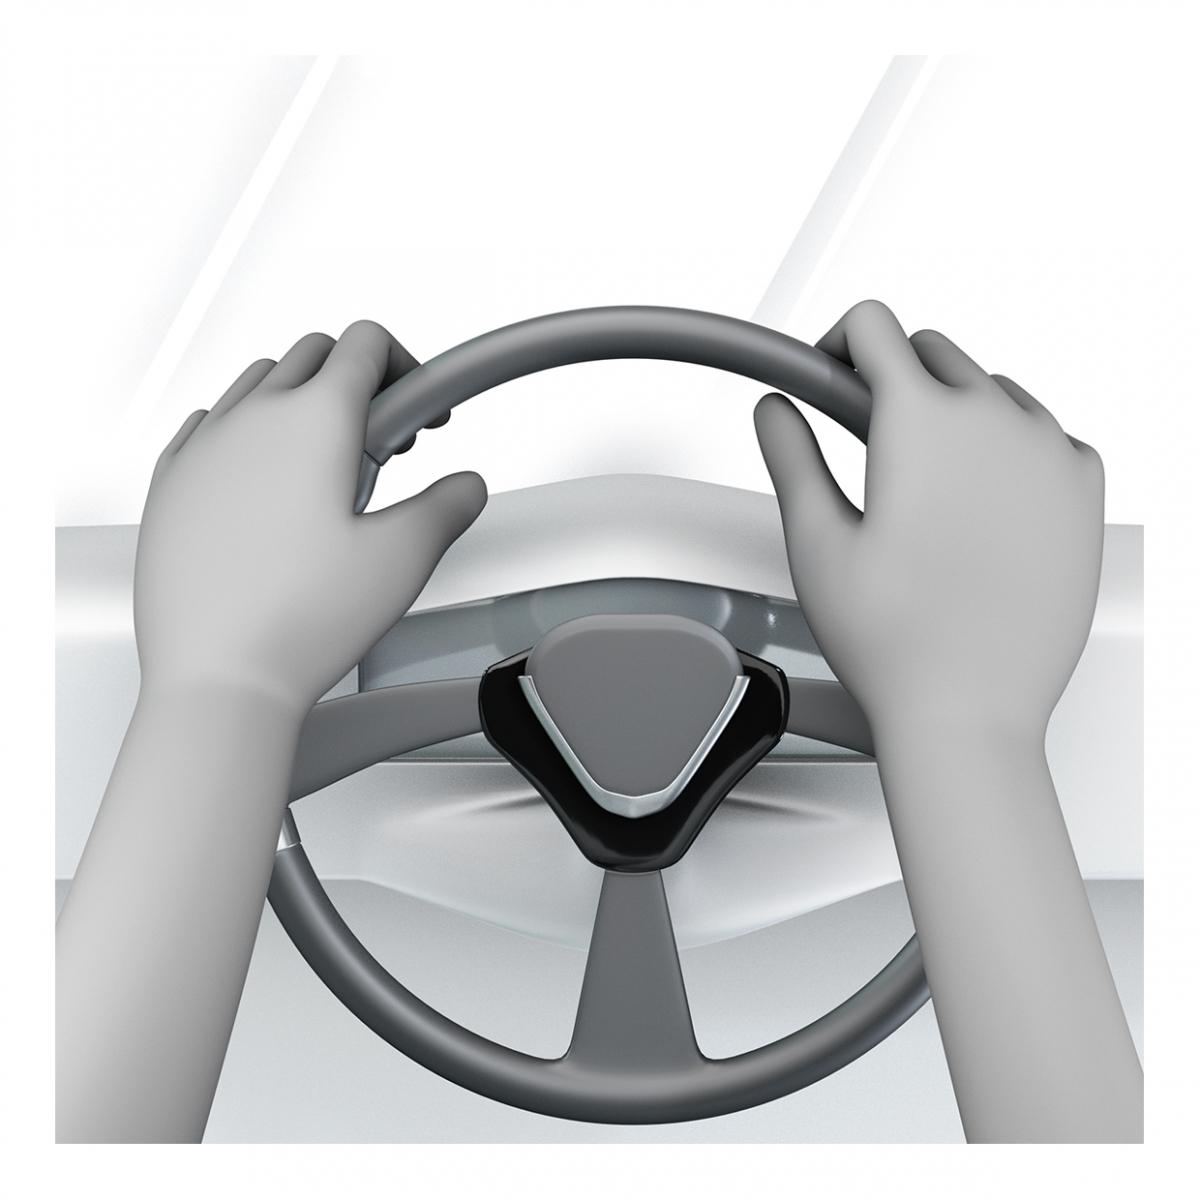 Imagen de unas manos en un volante en posición de conducir